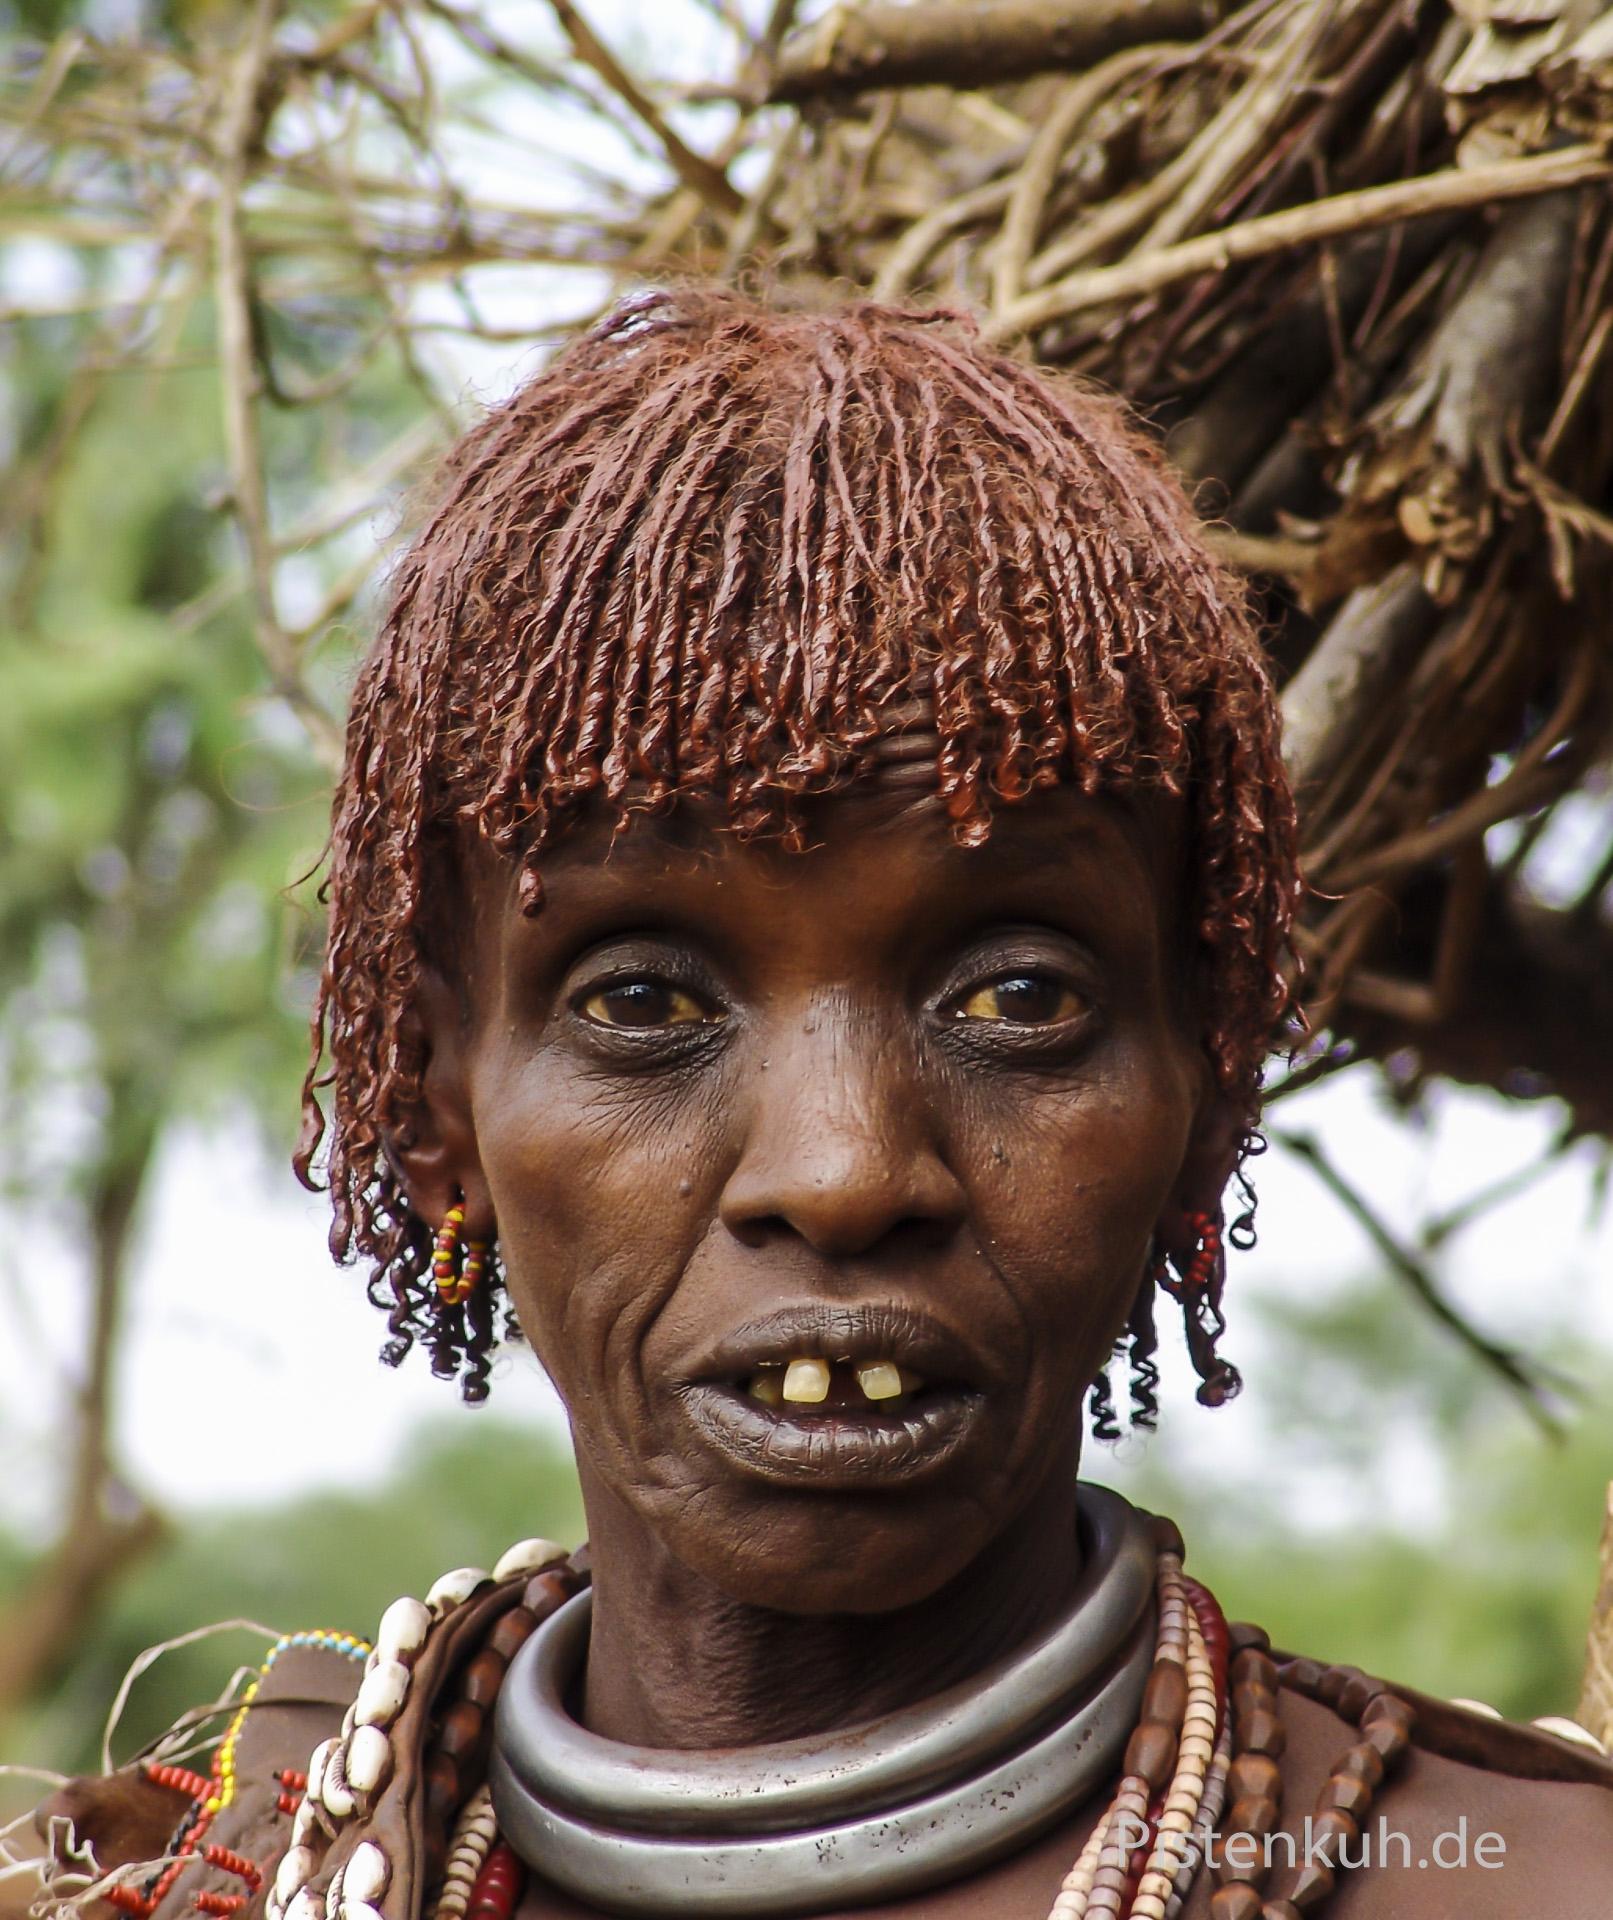 äthiopische Frauen weiße Männer